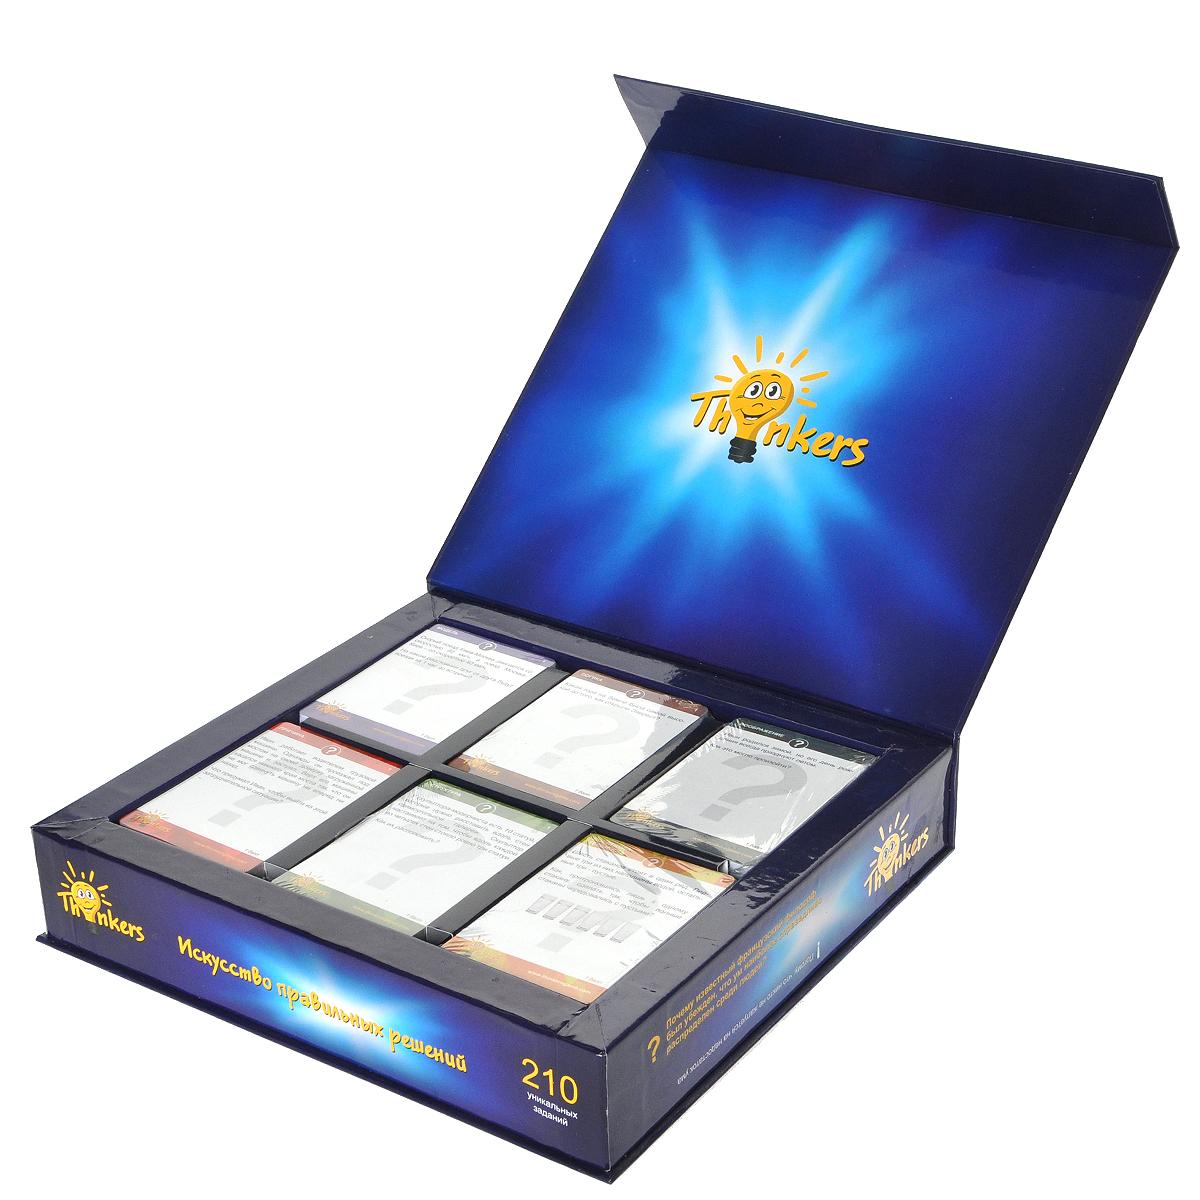 Логическая игра Thinkers, 6 в 170862Логическая игра Thinkers - это интеллектуальная игра для детей от 12 лет и взрослых с уникальными заданиями, стимулирующими различные типы мышления человека. Игра включает 210 карточек с заданиями шести отдельных разделов: Структура, Причина, Логика, Последовательность, Воображение и Модель. Каждая карточка содержит задачу и на обратной стороне - ответ на нее. Задания имеют различную степень сложности от 1 балла до 5 баллов, таким образом, играть могут участники с различным уровнем развития. Цель игры - набрать максимальное количество баллов за отведенное для игры время. Если время не определено, то выигрывшей считается та команда, которая первой наберет 20 баллов. В ходе игры участники (отдельные лица либо команды) после обдумывания дают ответ на задание, изложенное на одной из карточек. В случае, если на задание дан правильный ответ, участник (либо команда) получают определенное количество баллов (от 1 до 5), указанных на самой карточке. Выигрывает игрок или команда...